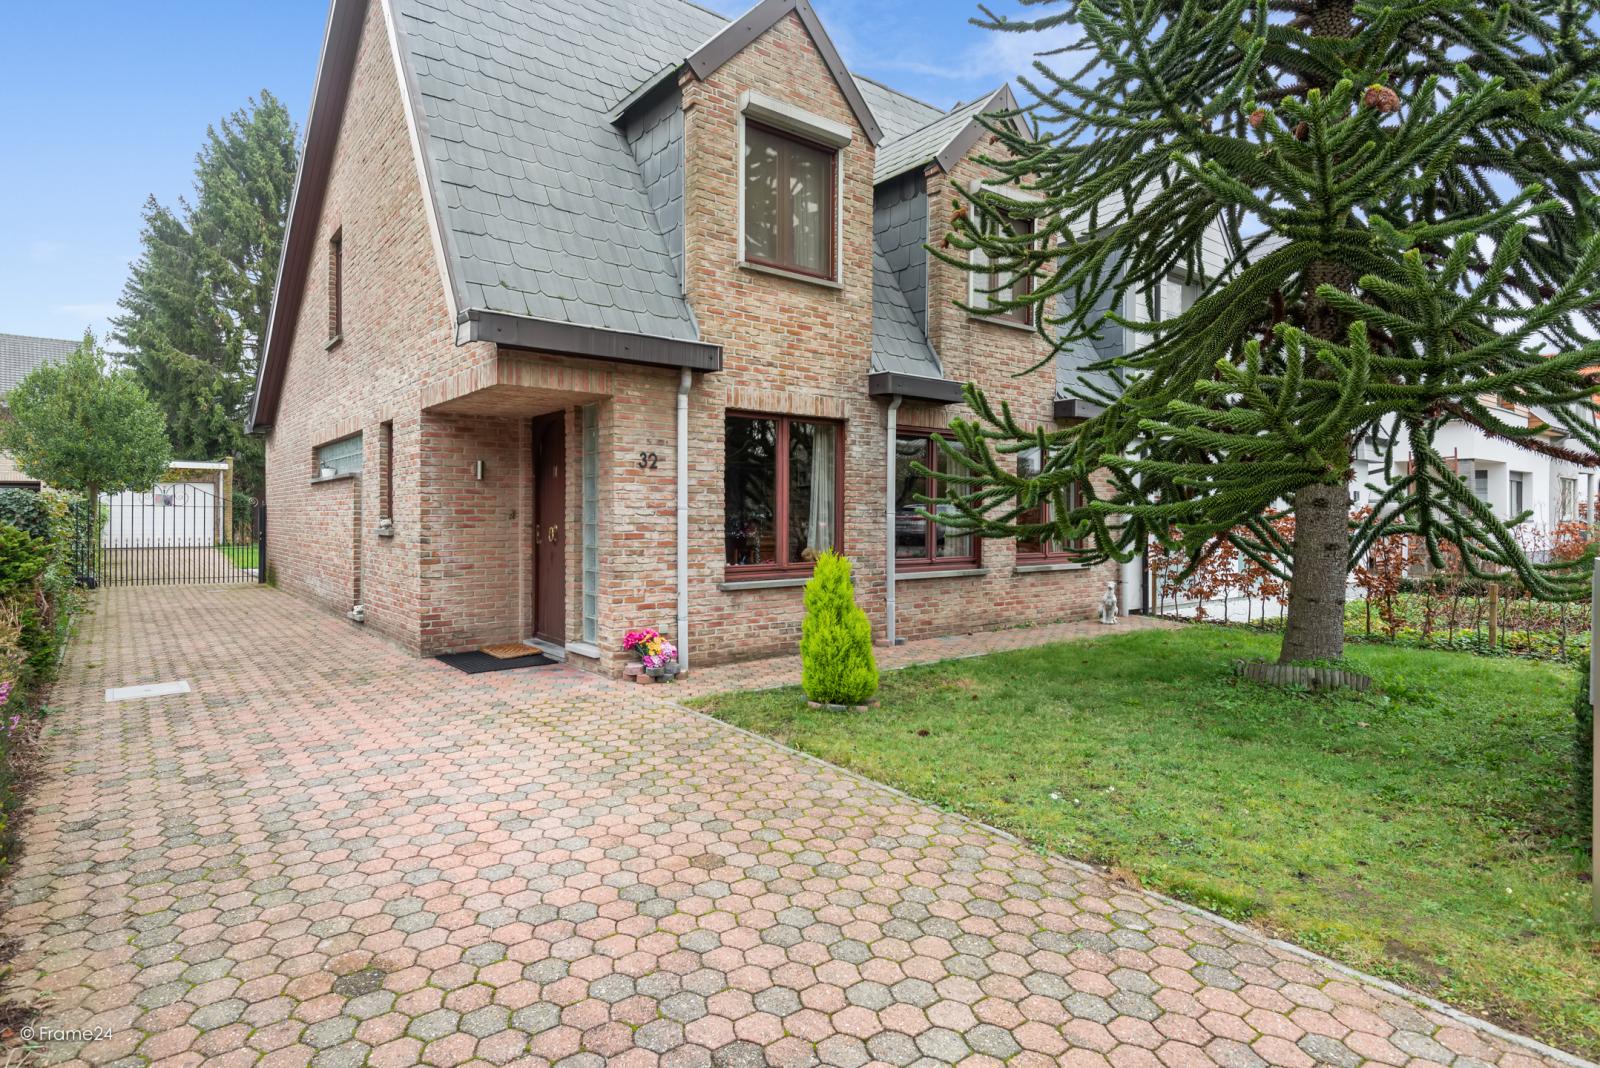 Zeer verzorgde halfopen woning met drie slaapkamers, garage, leuke tuin en gelegen op een toplocatie te Wijnegem!  afbeelding 21